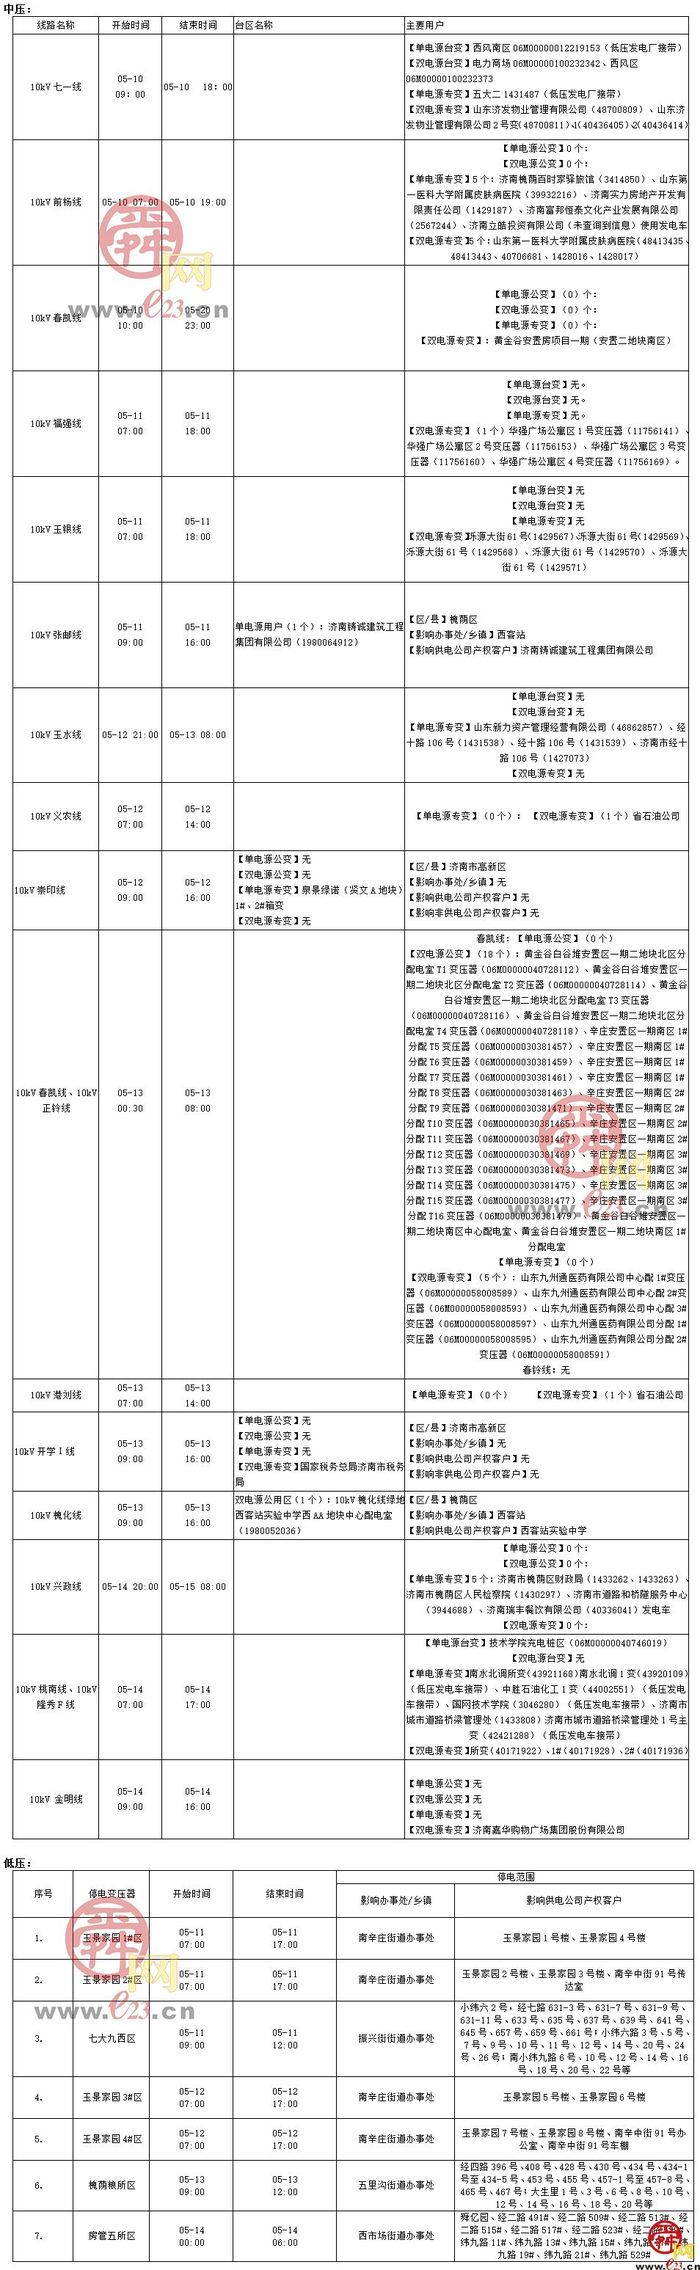 2021年5月10日至5月16日济南部分区域电力设备检修通知